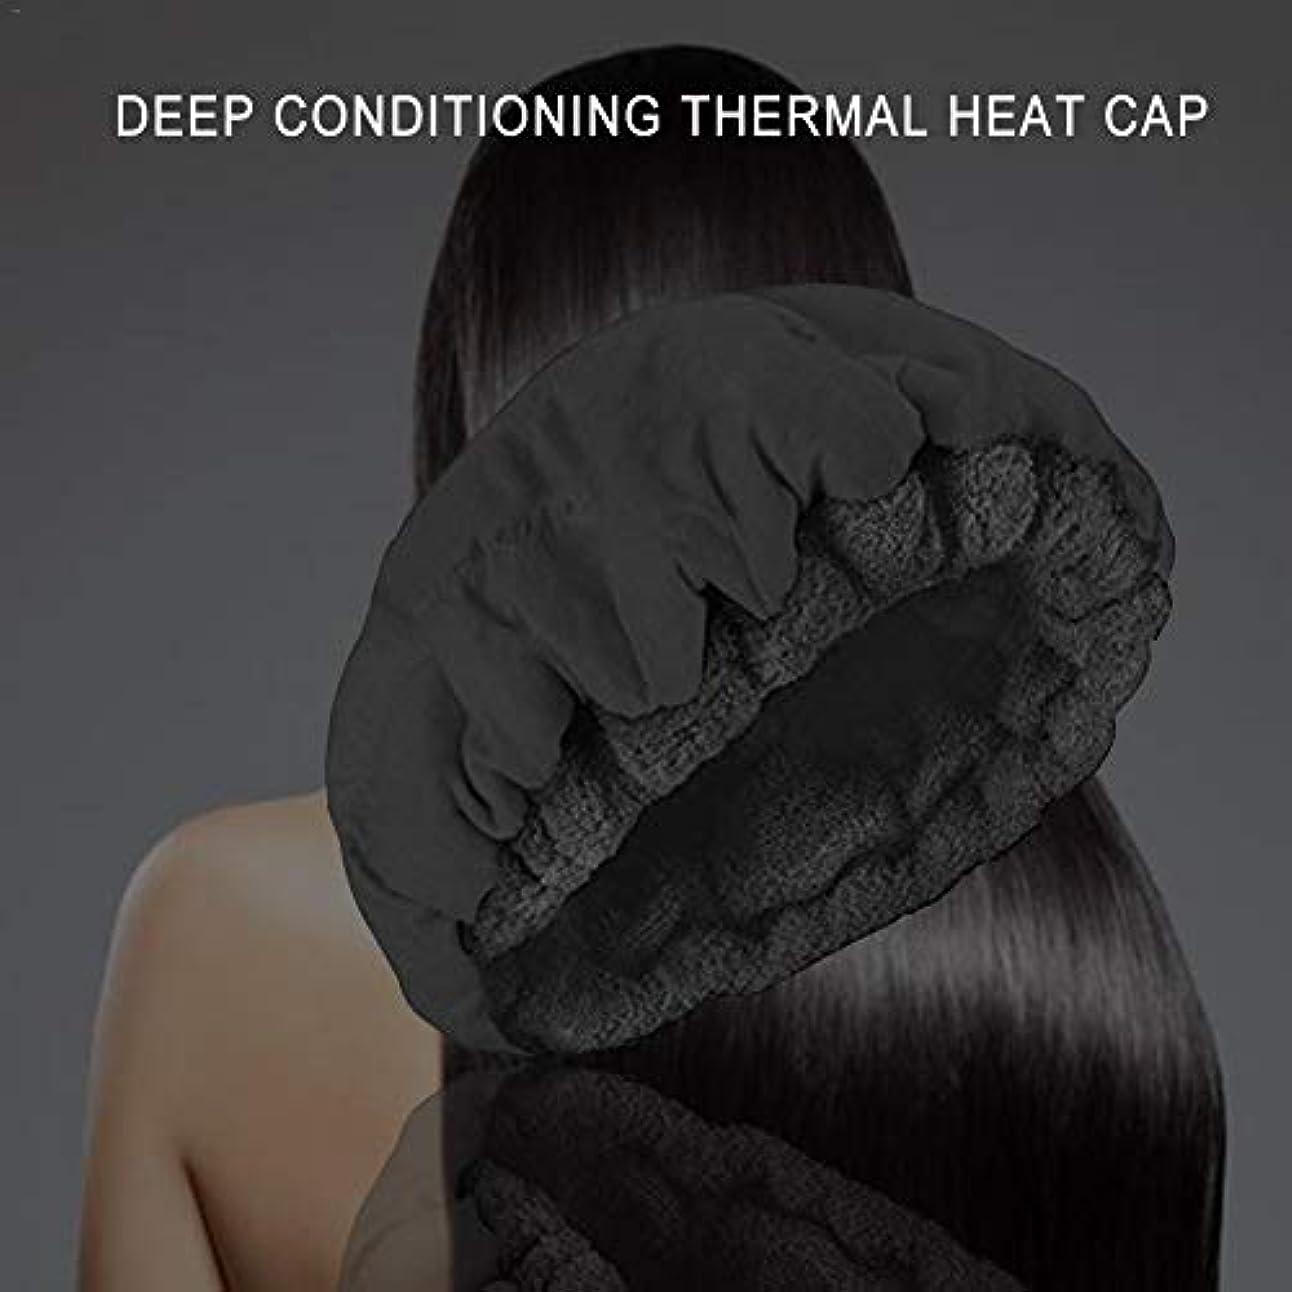 急襲デッドロック口述ディープコンディショニングヒートキャップ、スチーム用コードレス電子レンジ対応ヒートキャップ、髪の熱療法、マイクロファイバーコットン、リバーシブル、亜麻仁インテリア